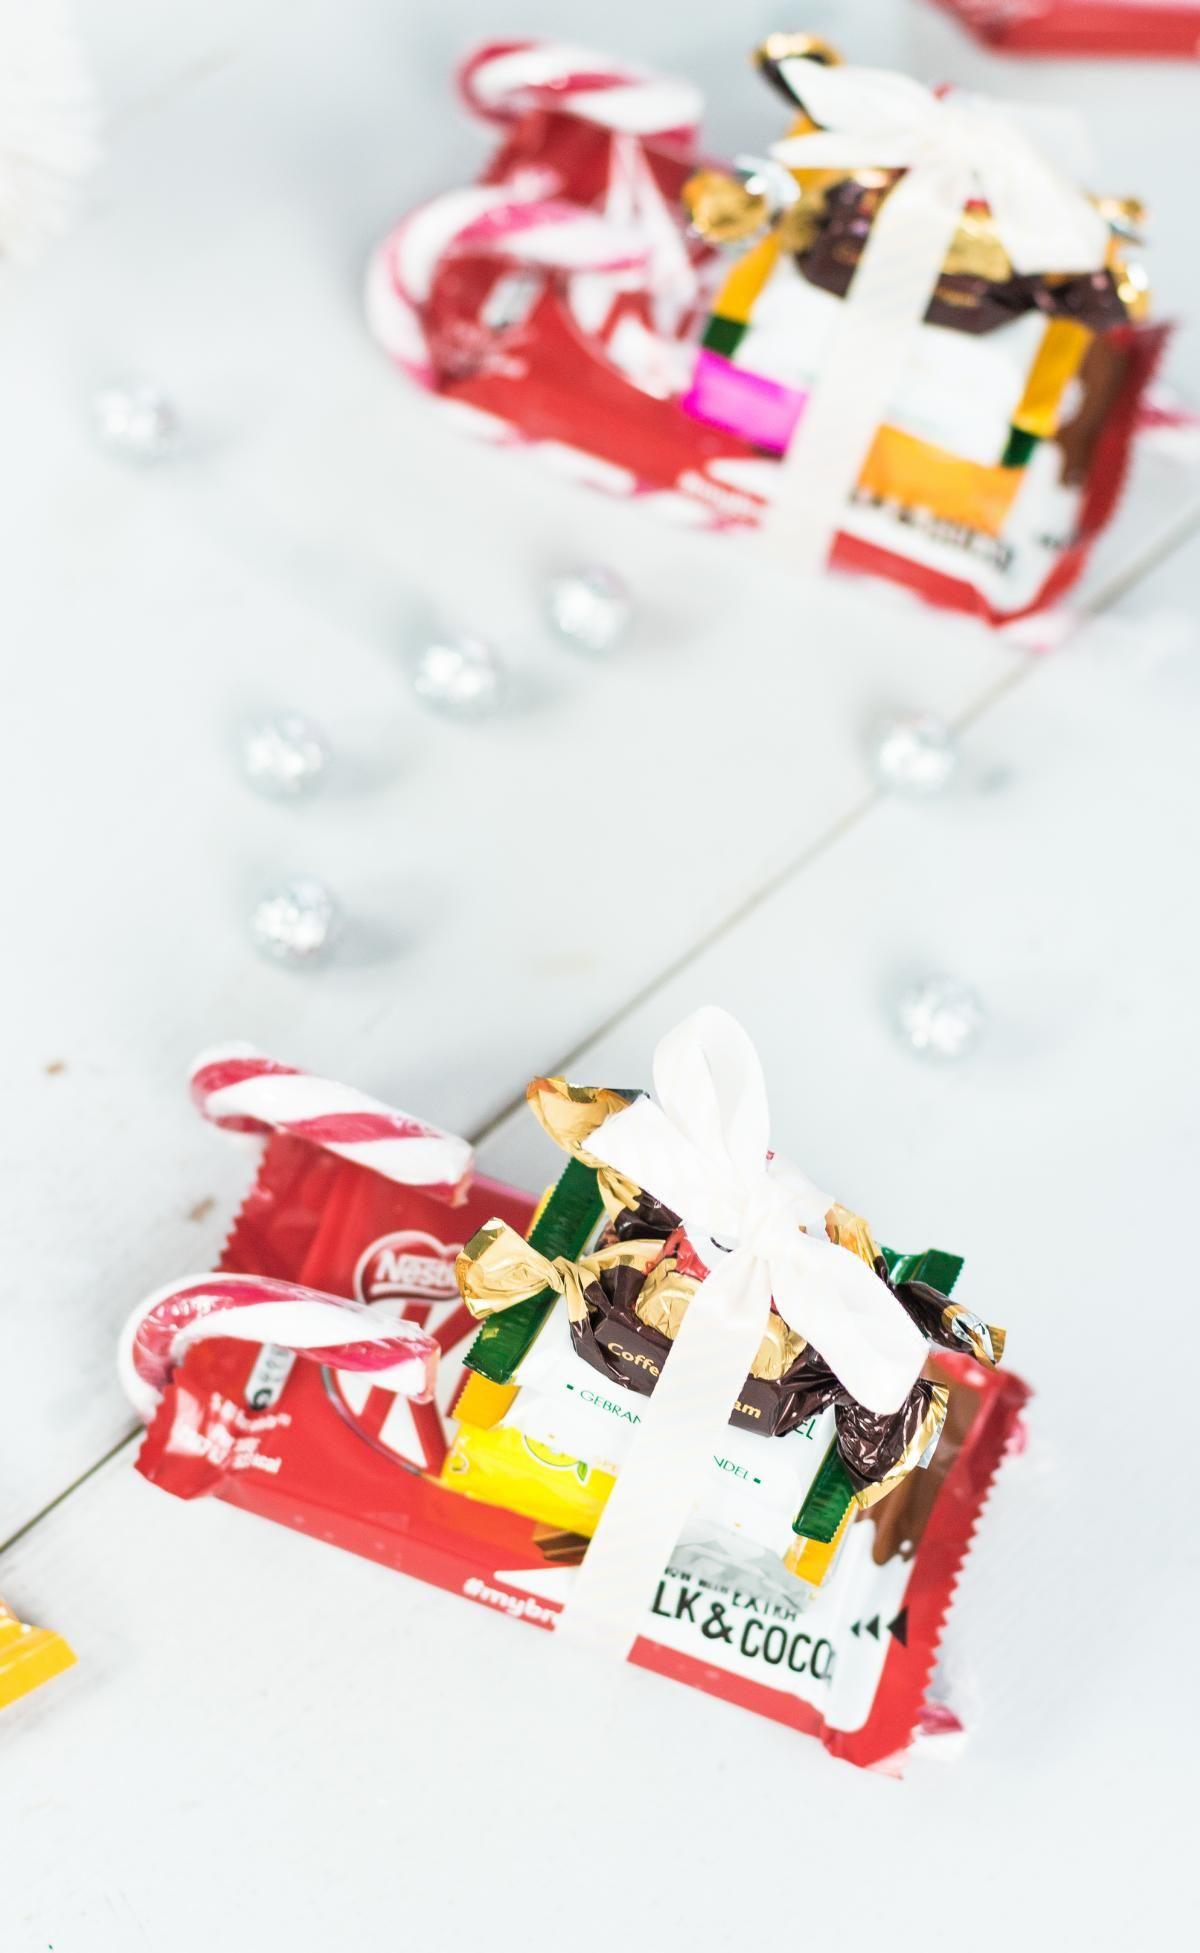 DIY Süßigkeiten Schlitten basteln schnelle einfache und wirklich günstige Last Minute Geschenkidee für Weihnachten Eignet sich auch als Wichtelgeschenk